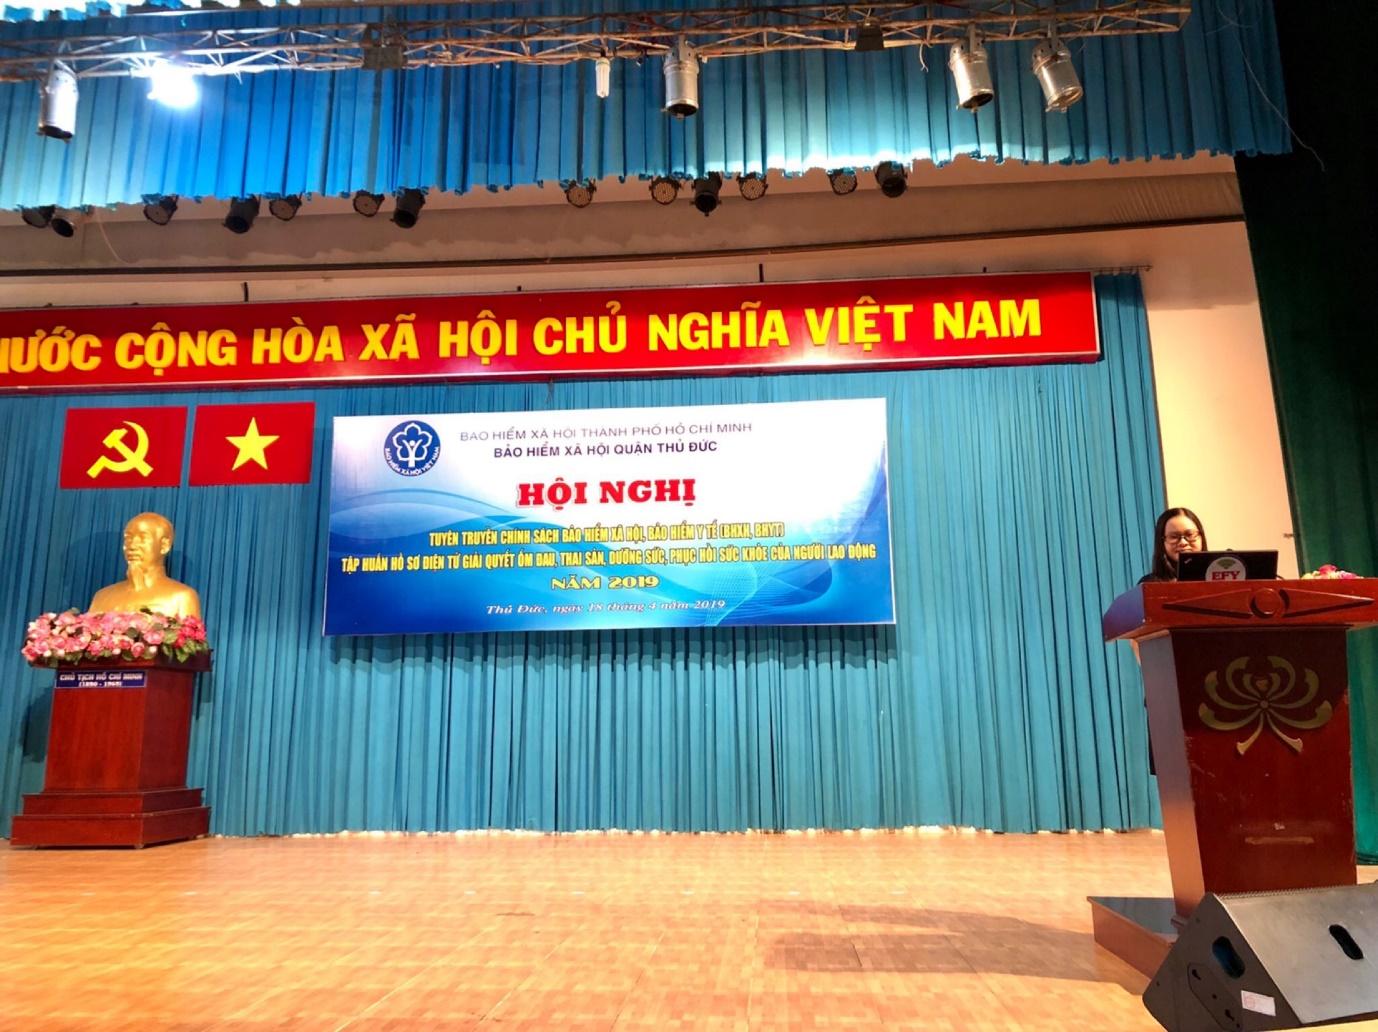 Tập huấn hồ sơ điện tử giải quyết ốm đau, thai sản, DSPHSK tại TP Hồ Chí Minh- ảnh 1